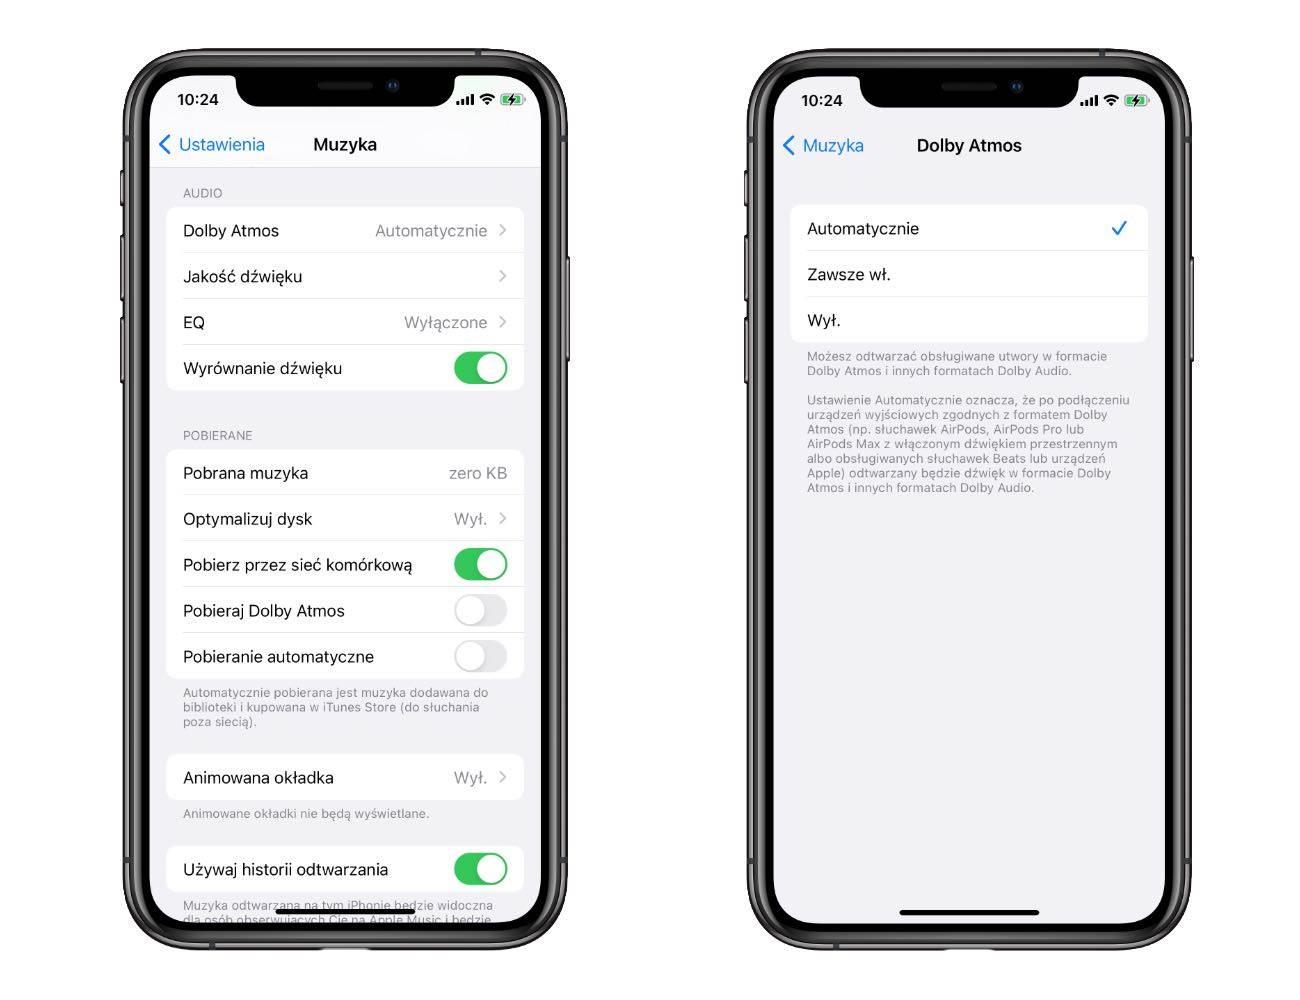 Dźwięk Lossless i Dolby Atmos oficjalnie dostępny w Apple Music. Jak włączyć funkcję? polecane, ciekawostki lossless, jak właczyć dżwięk przestrzenny, jak włączyć dźwięk lossless w Apple Music, bezstratna jakość dzwięku, Apple music  Firma Apple oficjalnie uruchomiła obsługę dźwięku przestrzennego i dźwięku bezstratnego w Apple Music. Zobacz jak uruchomić nowość na Twoim iPhone i iPad. Losses 5